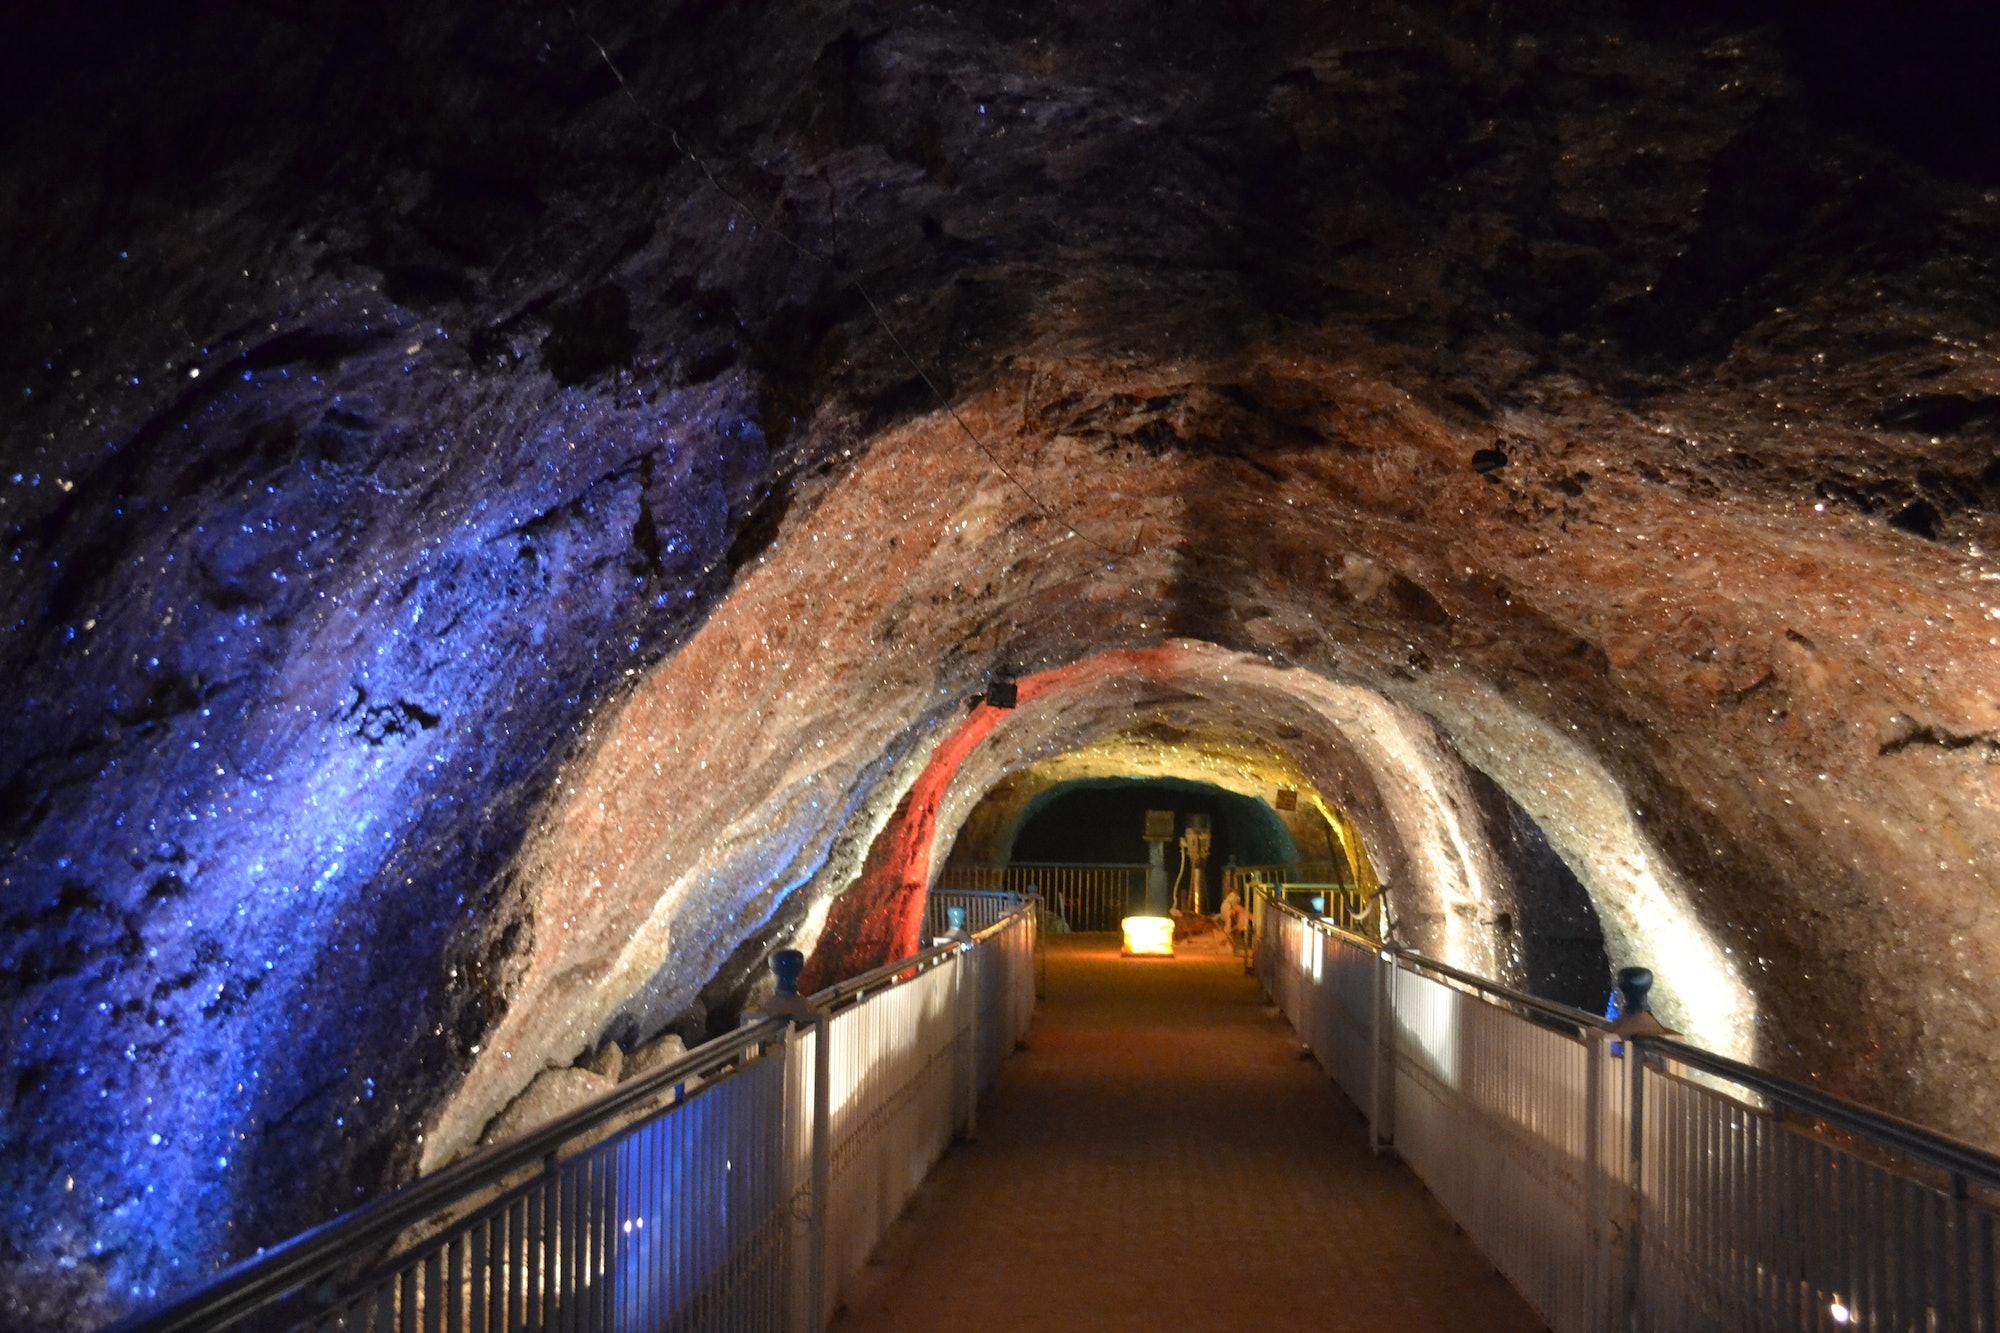 Khewra Salt Mine - Crystal Deposits on the mine walls